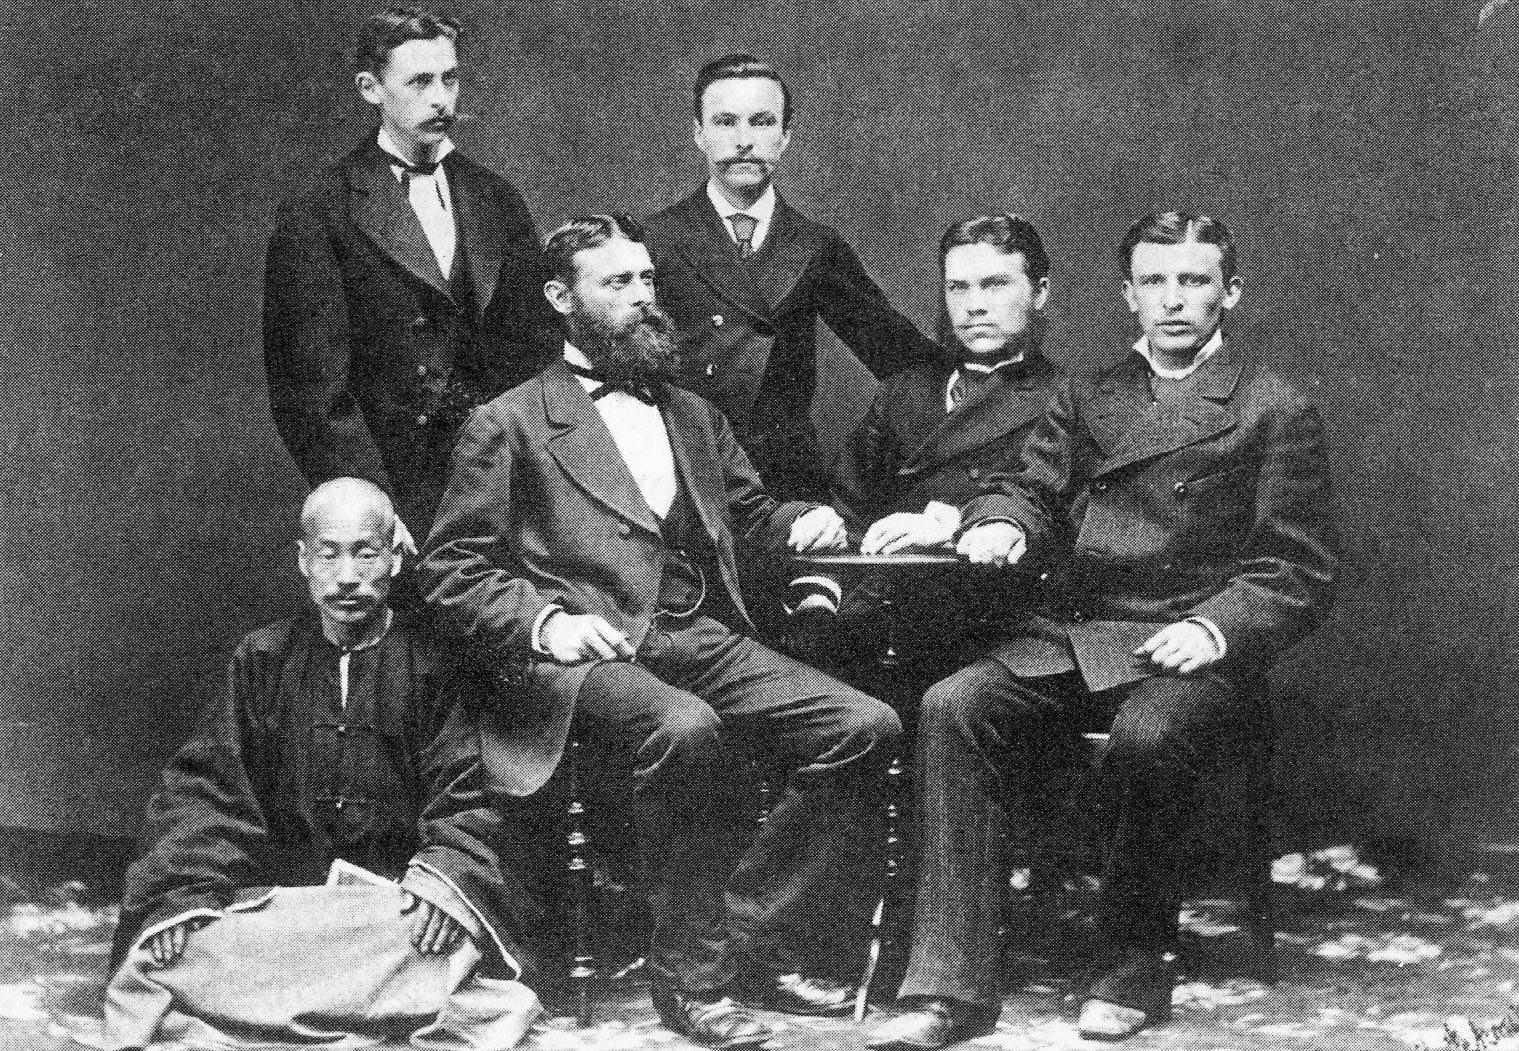 「クンストとアリベルス」の幹部、1880年。テーブルに座っている方(左側から):グスタフ・アリベルス、グスタフ・クンスト、アドルフ・ダッタン